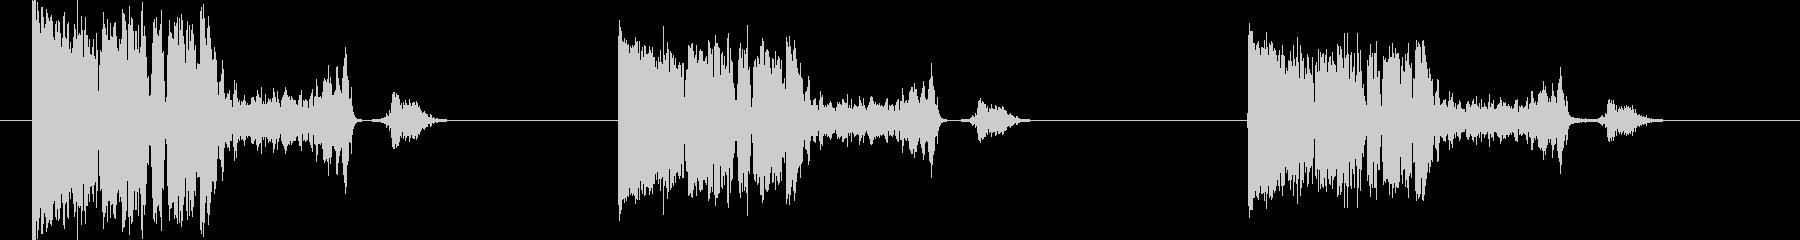 スイッチ-モータースタートでラフ-...の未再生の波形